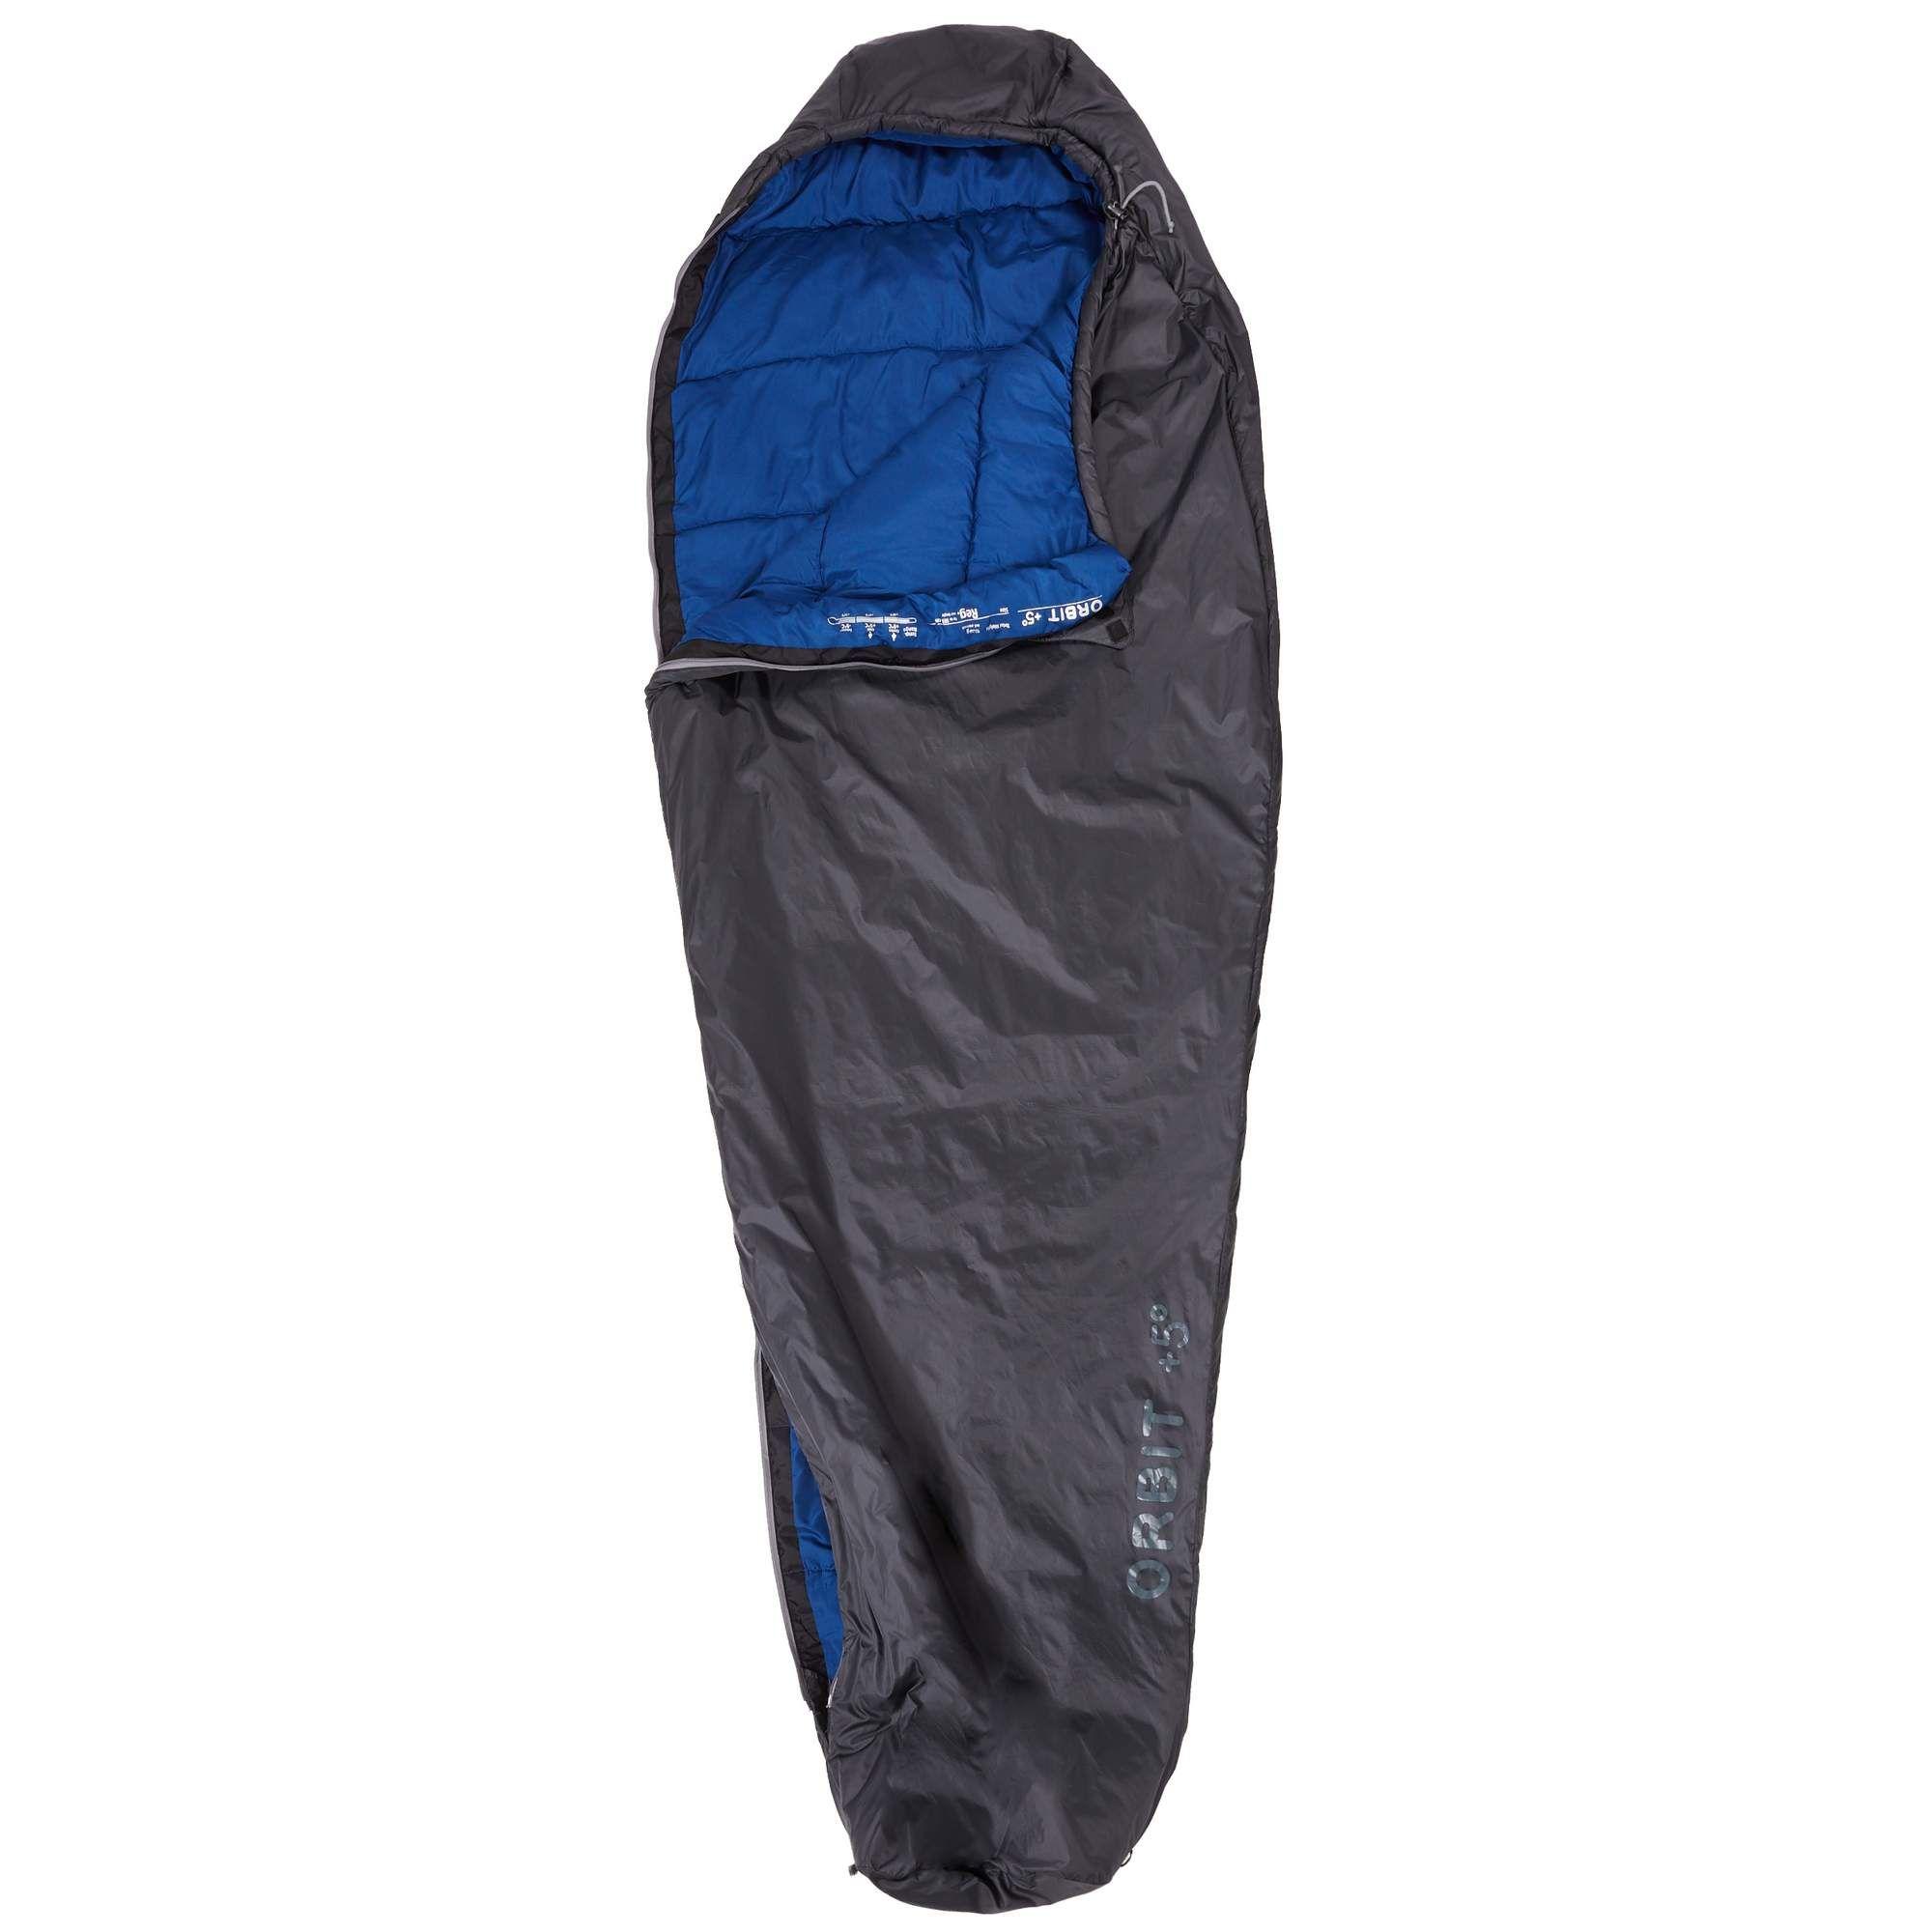 Спальный мешок Deuter Orbit +5° - фото 5